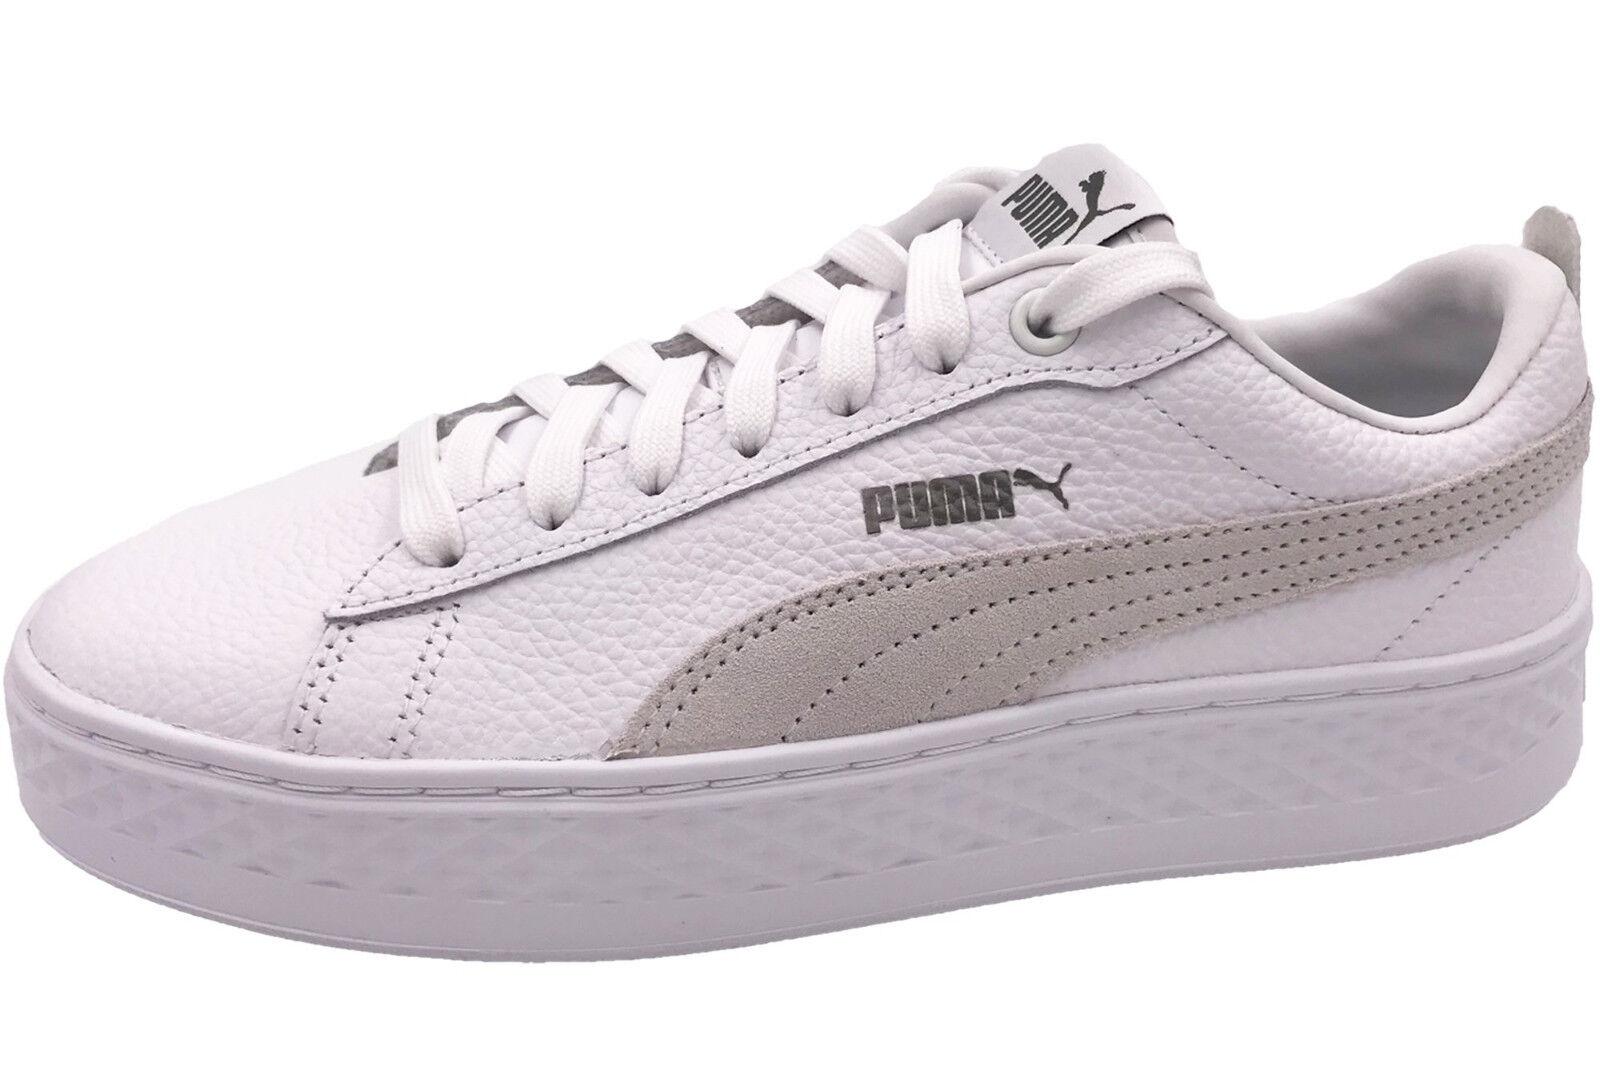 PUMA Smash Platform L Damen Sneaker Weiß Pateau Schuhe 366487-06 WEISS NEU